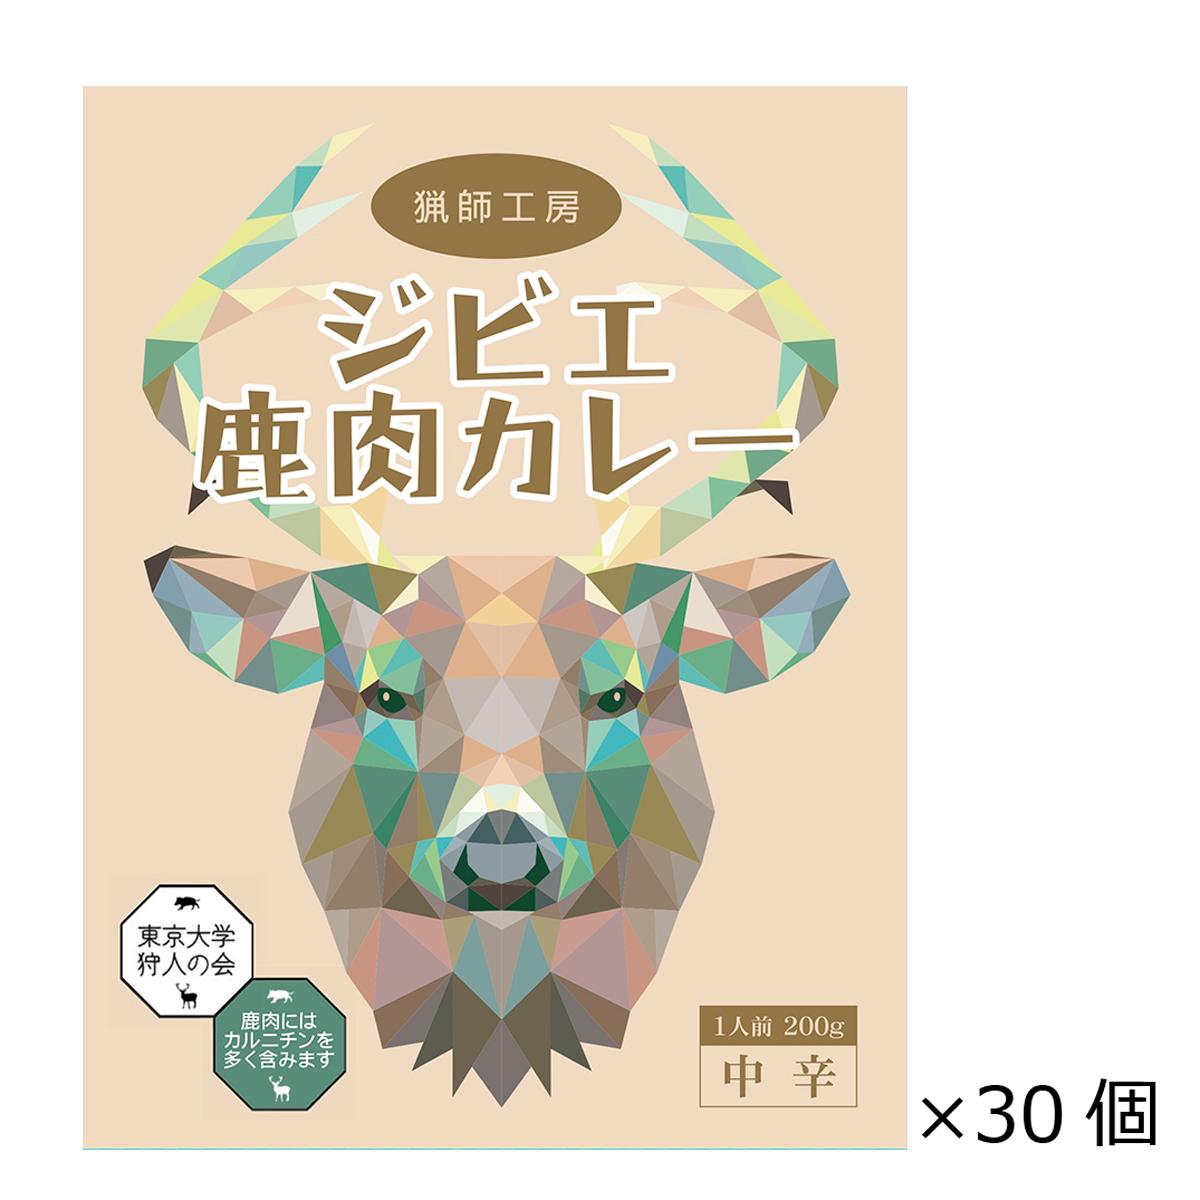 猟師工房ジビエ鹿肉カレー 30個 200g ご当地カレー 東京名物 レトルトカレー グルメカレー まとめ買い